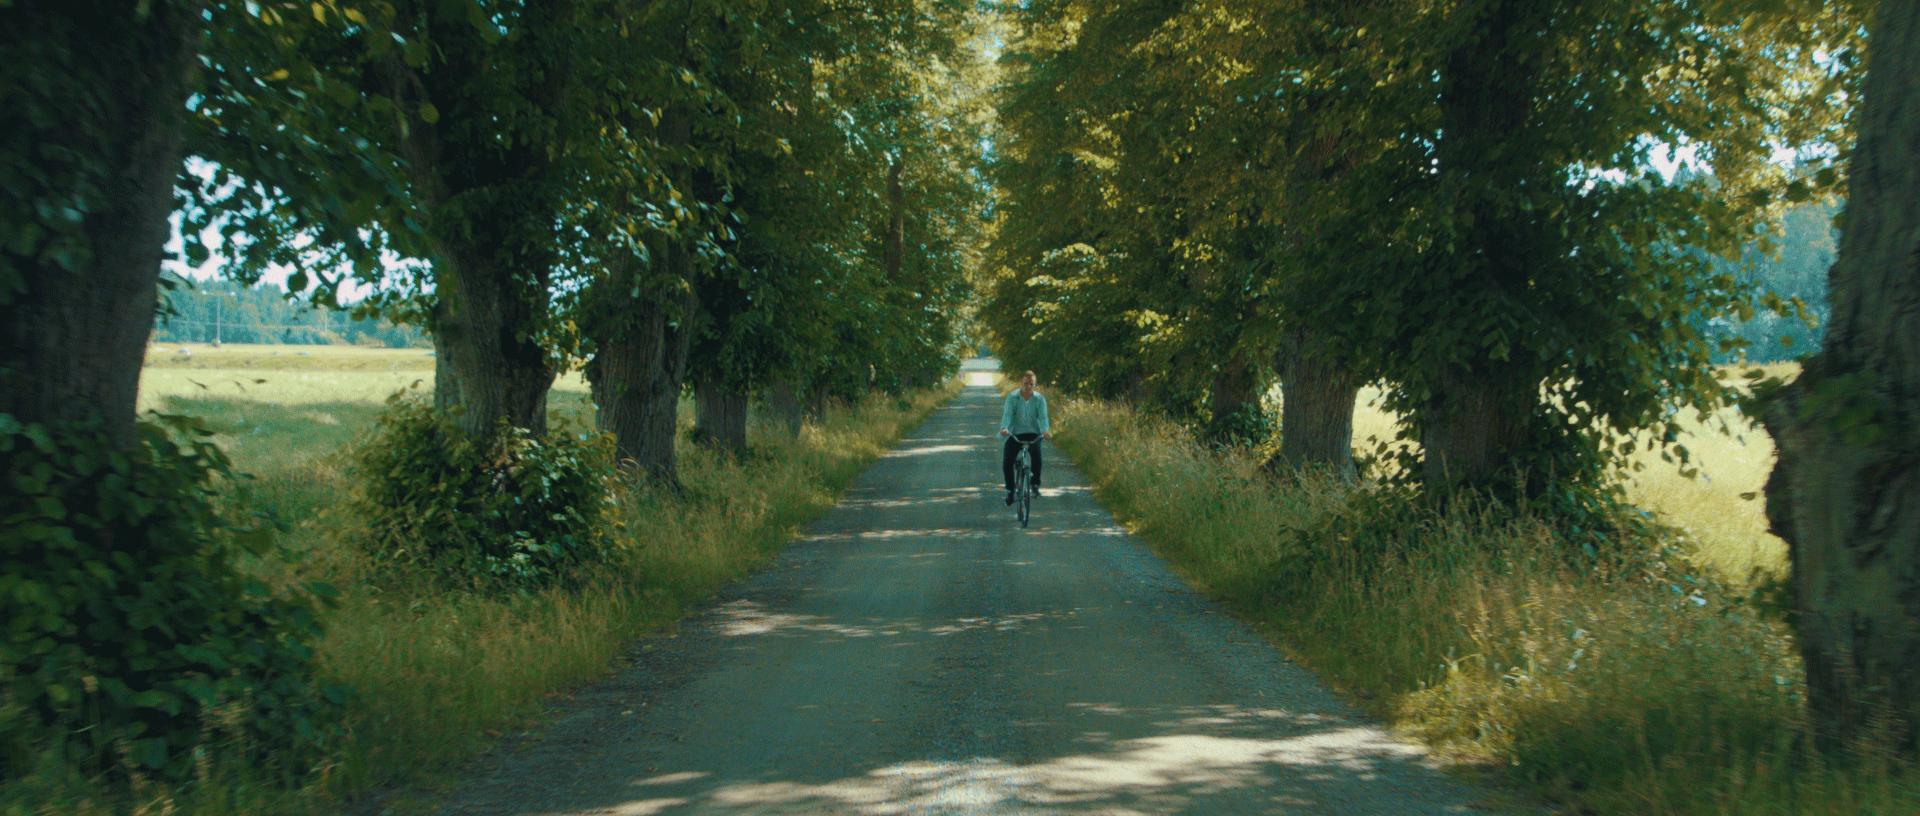 cykel-1